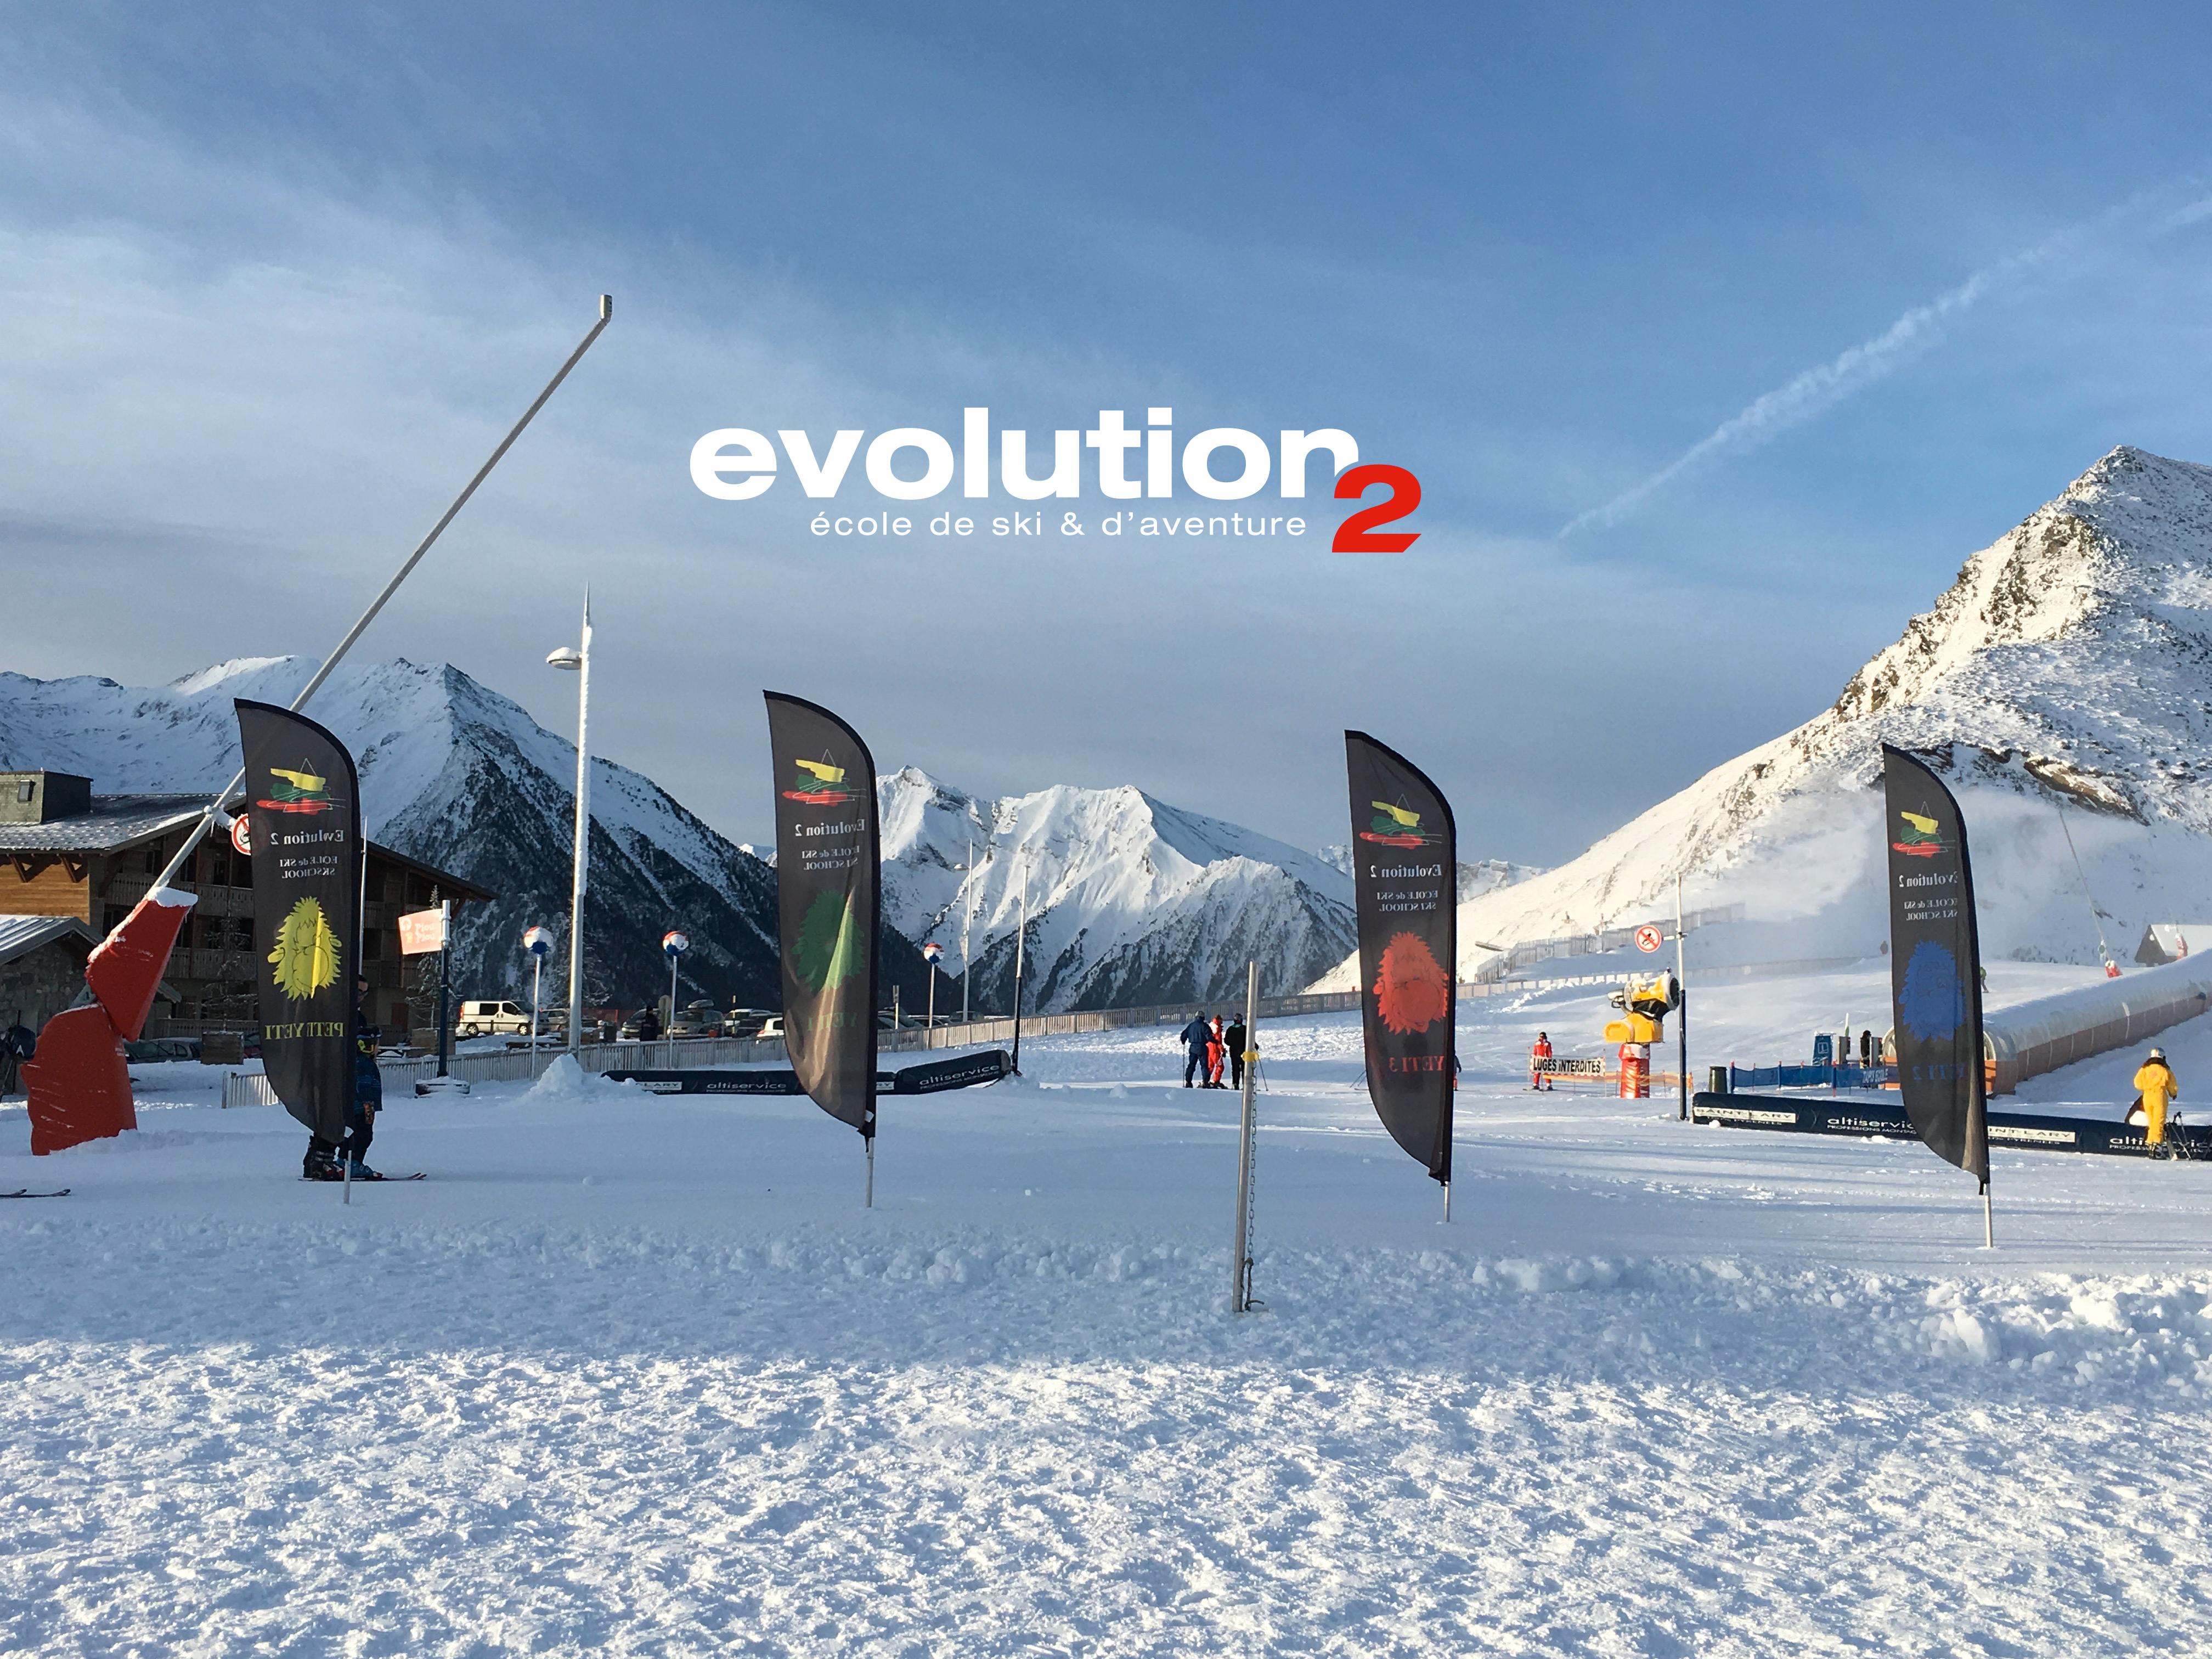 Départ des cours de ski de l'école de ski de Saint Lary